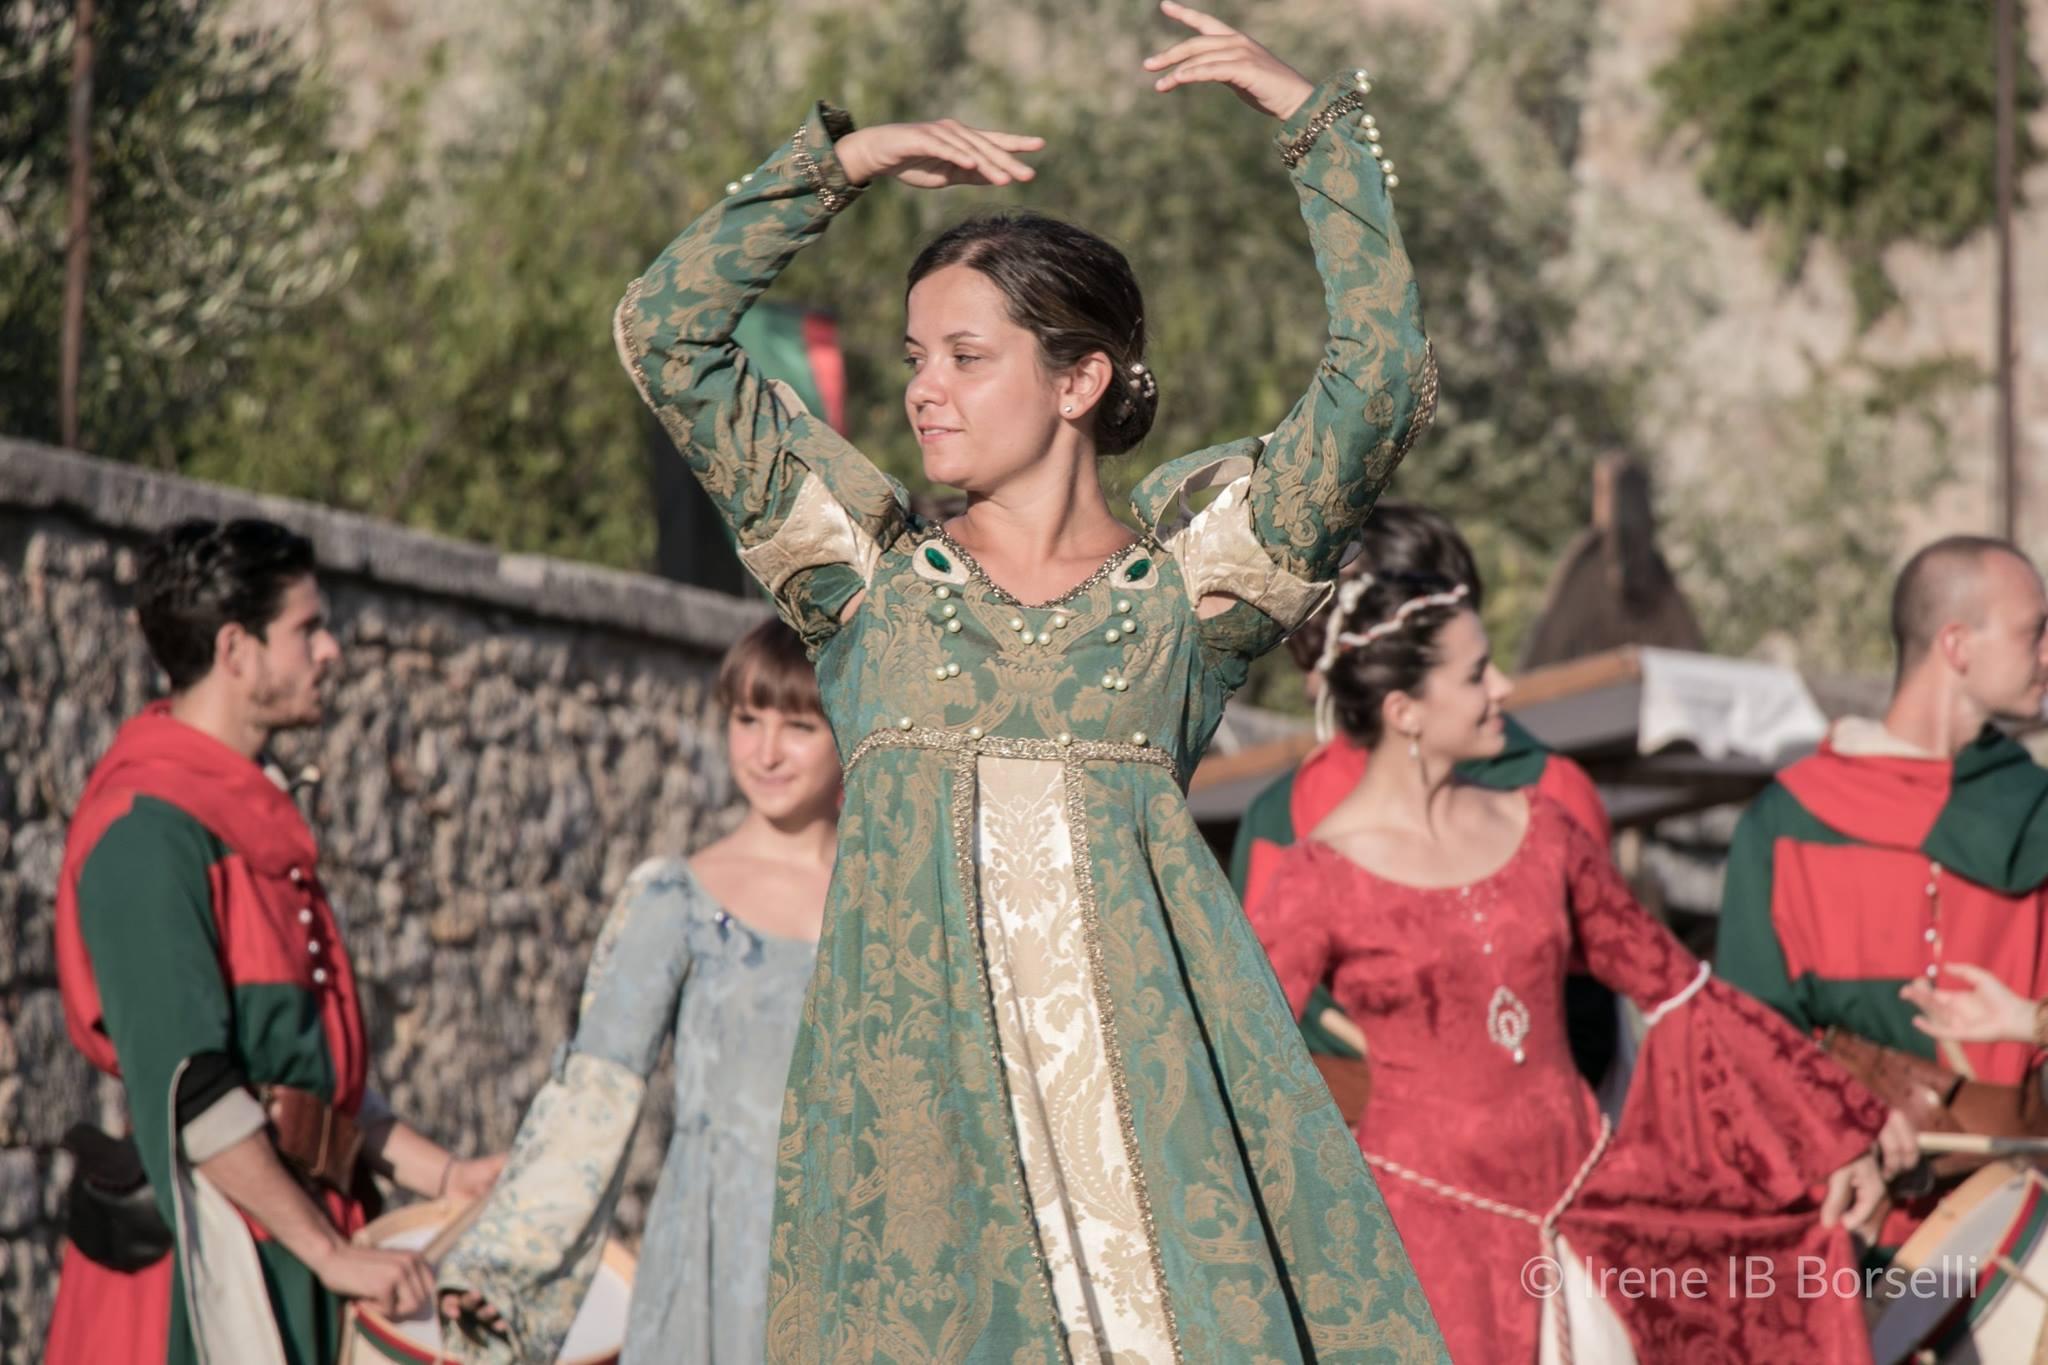 Festa_Medievale_di_Monteriggioni_di_Torri_si_Corona (4)